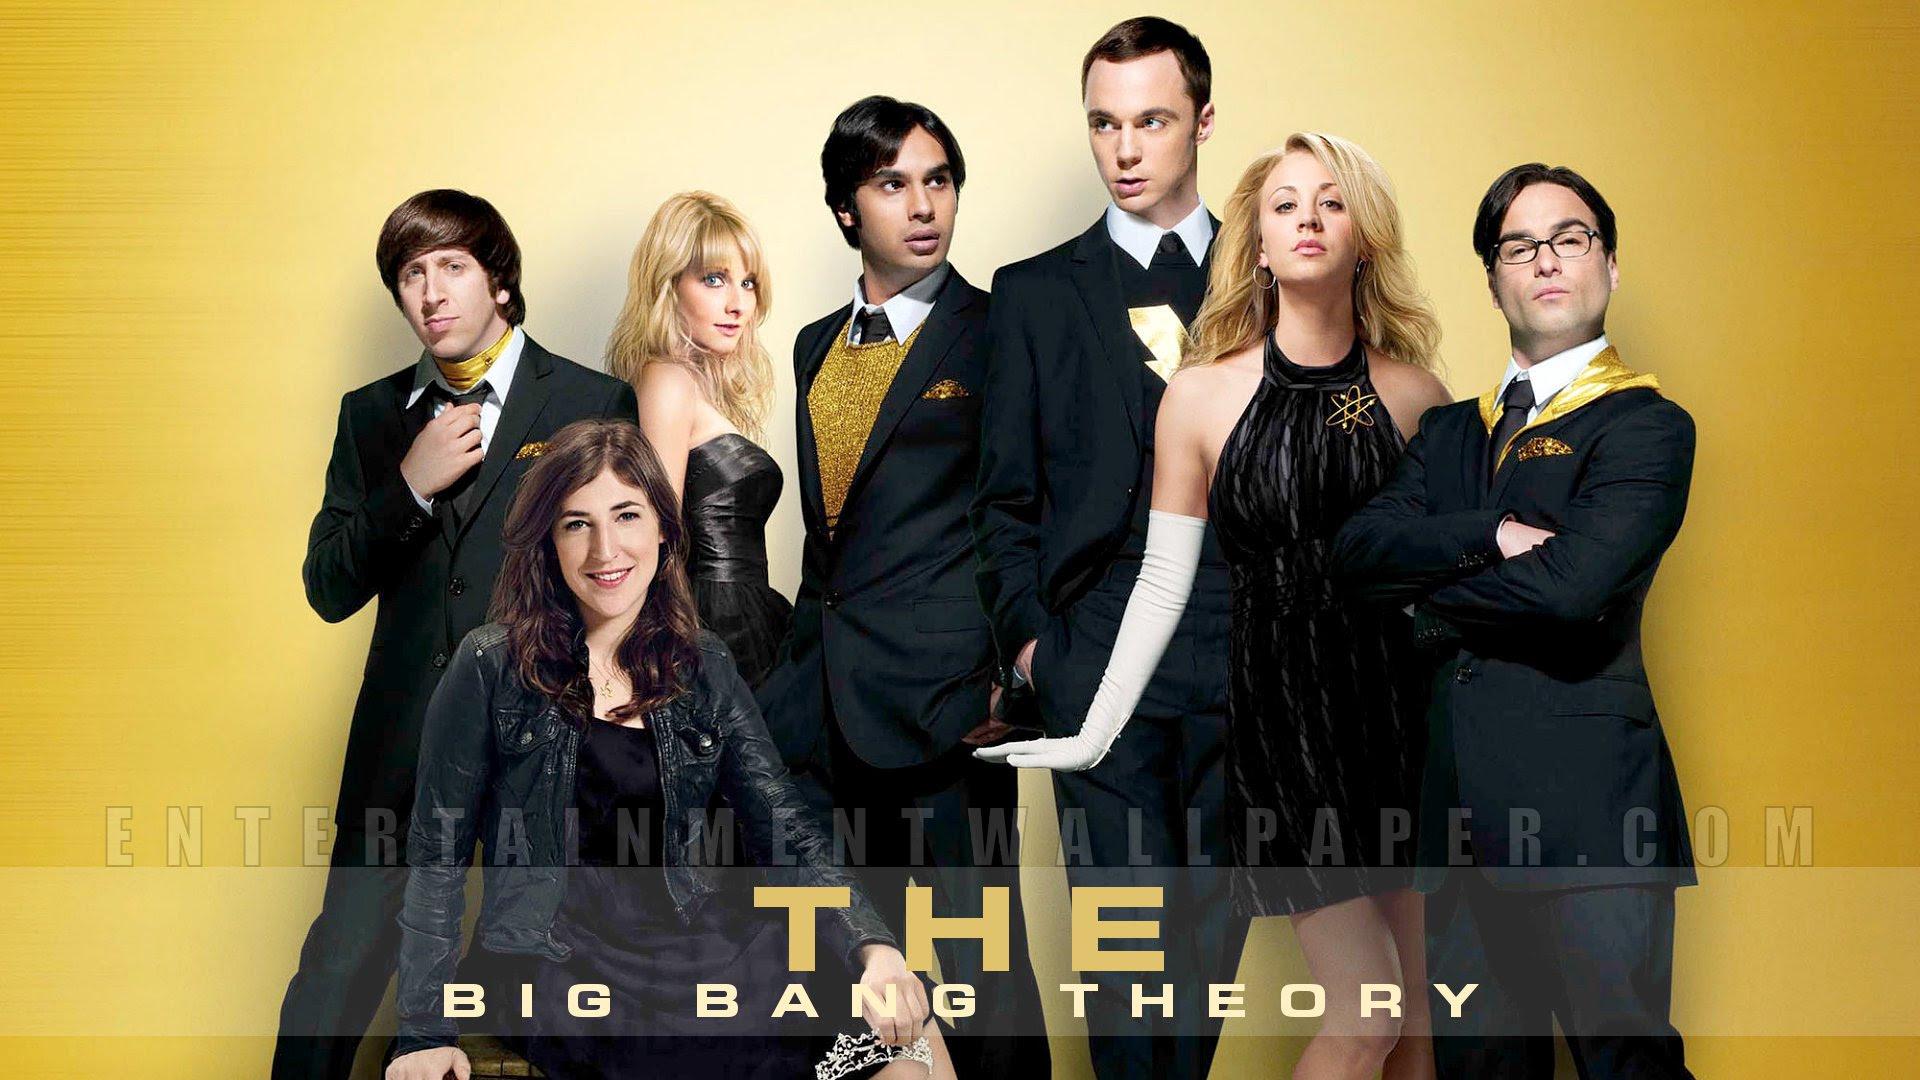 The Big Bang Theory Wallpaper 1920x1080 73736